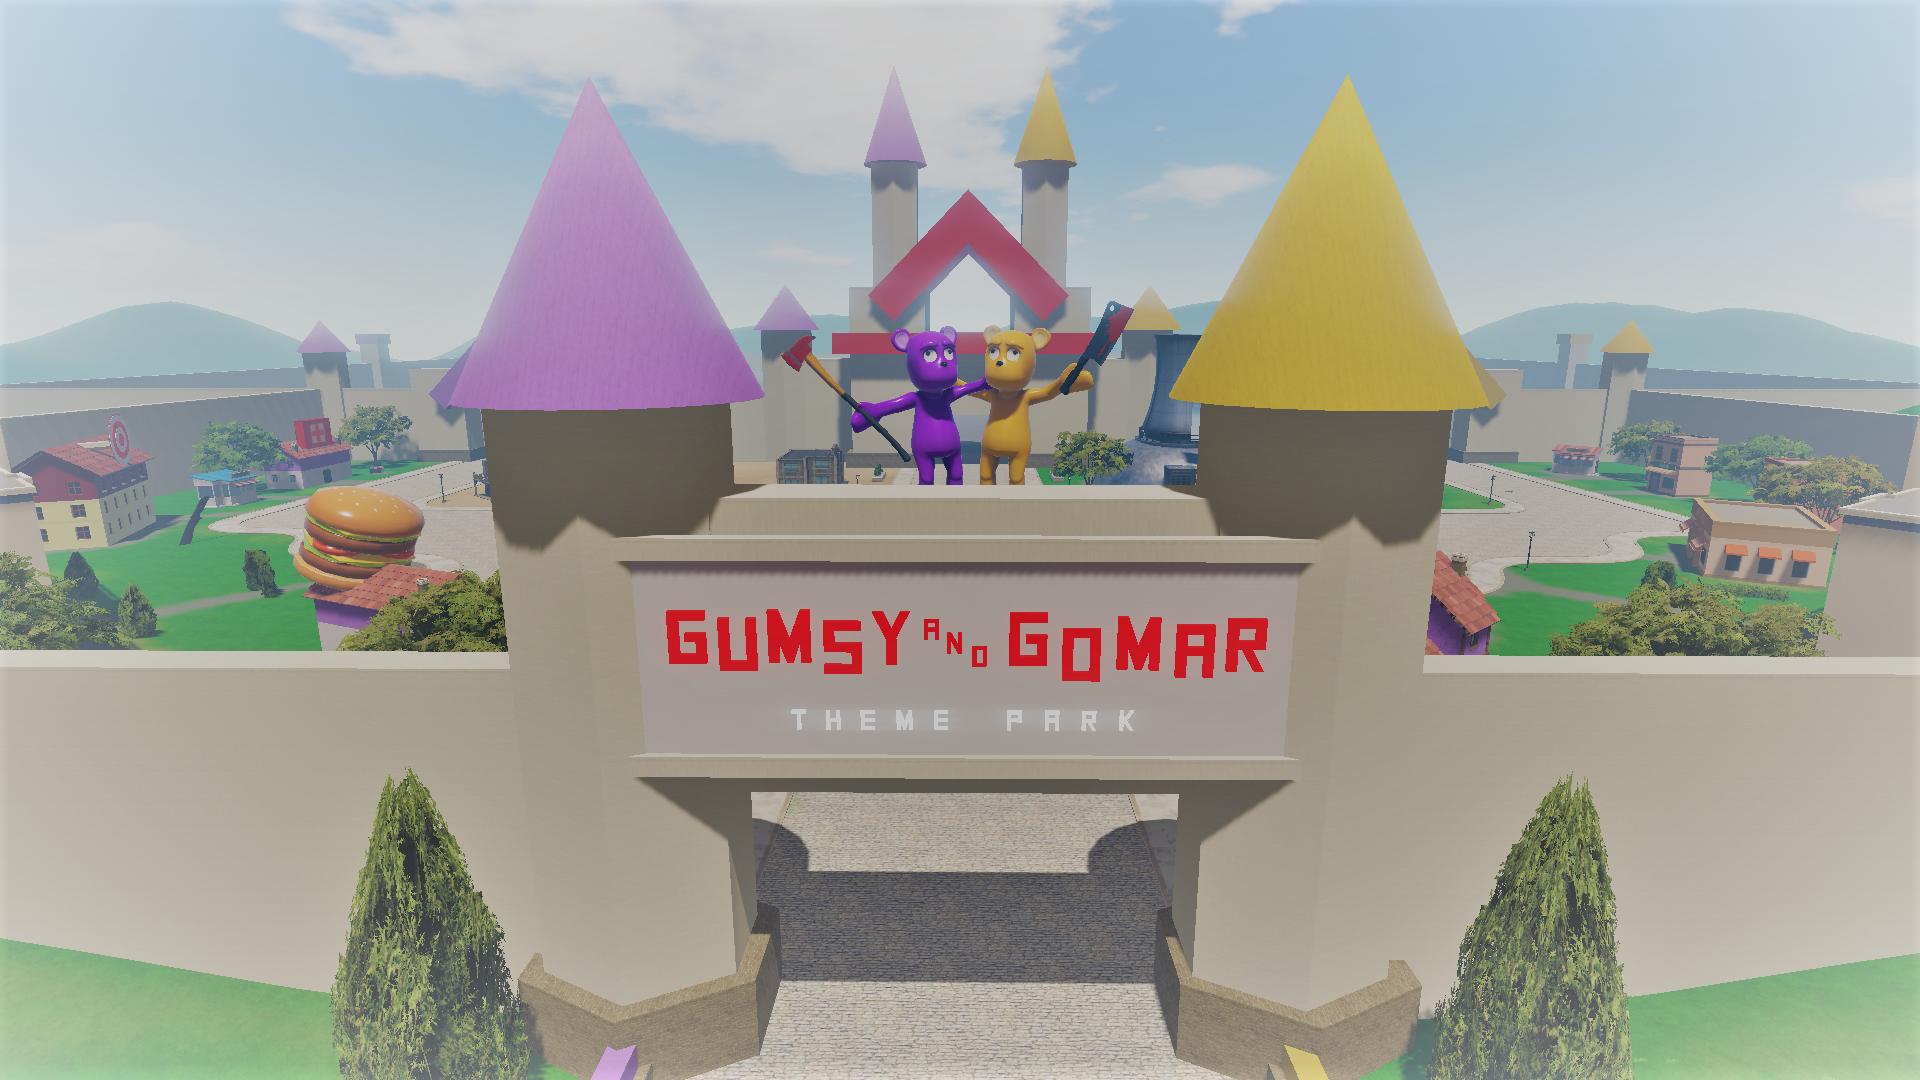 Gumsy and Gomar Theme Park